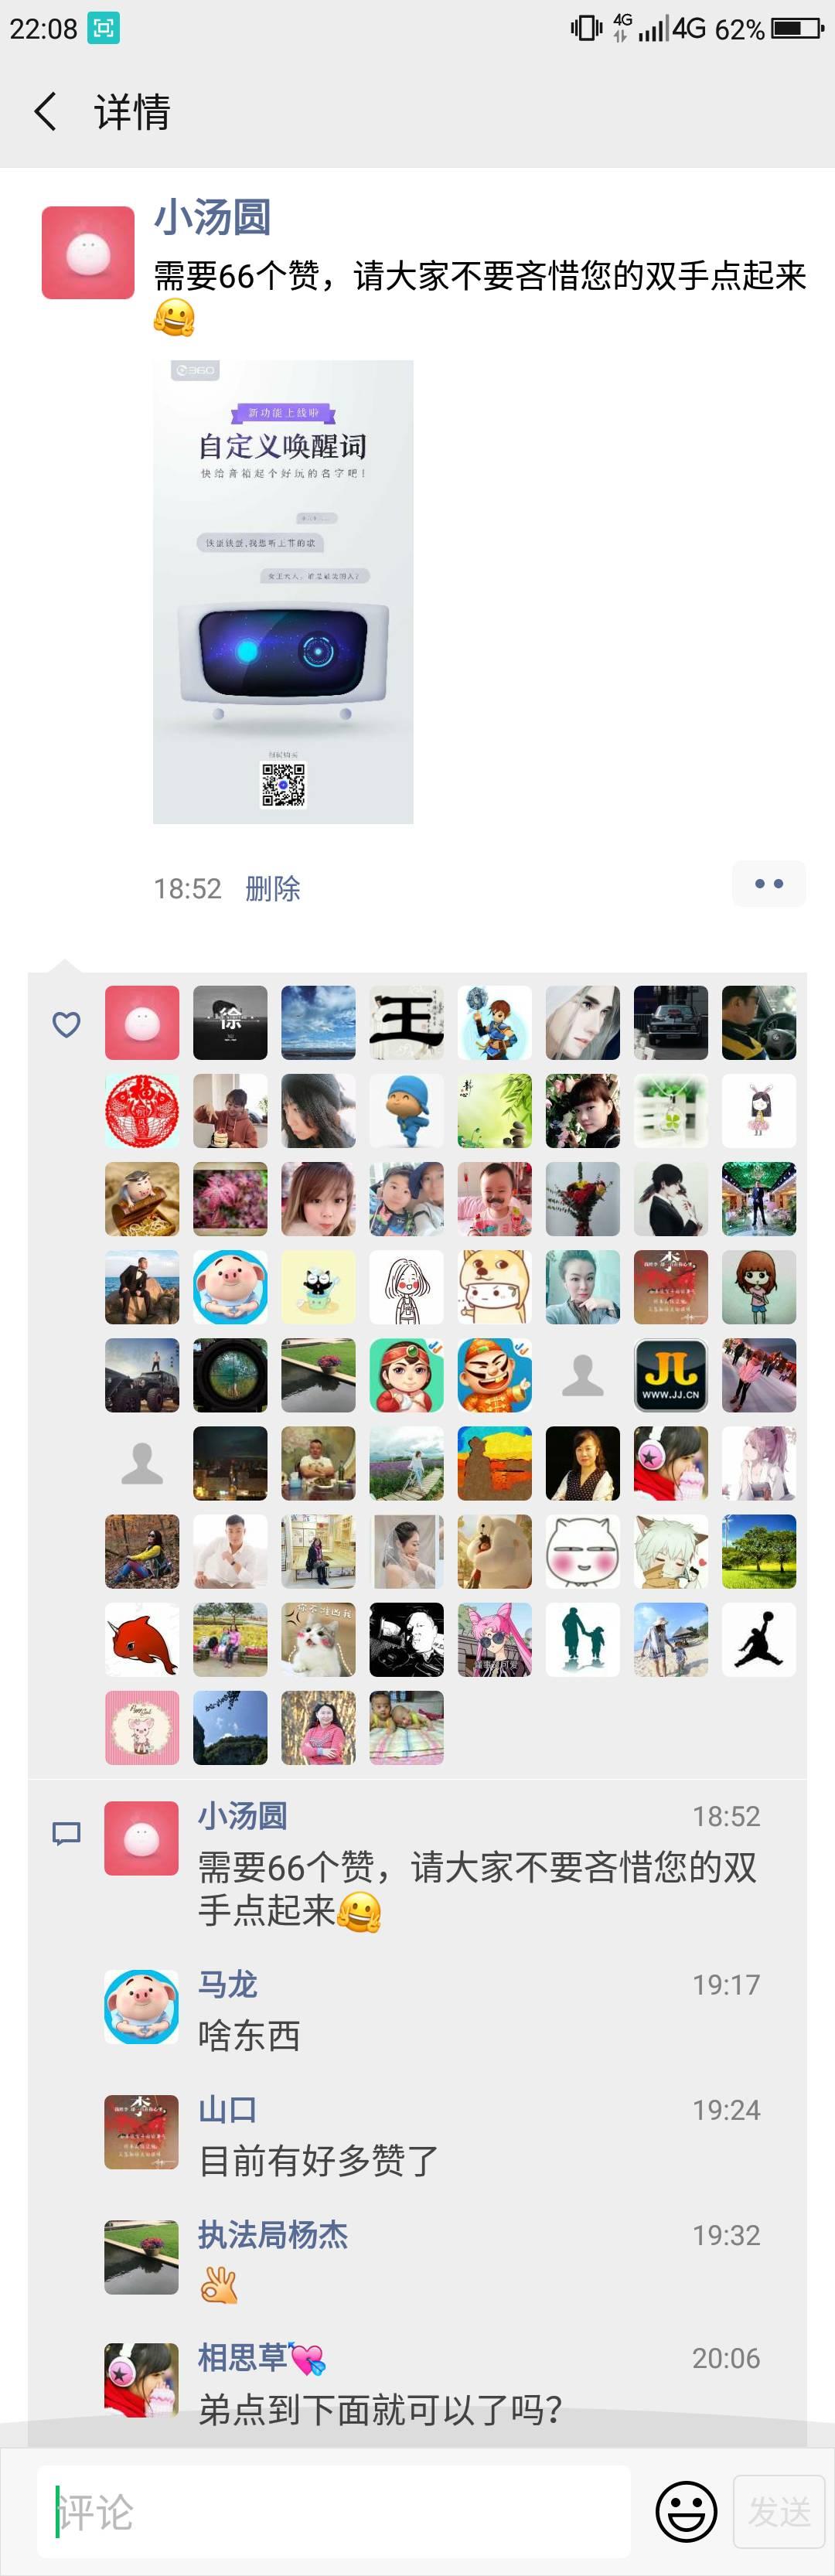 Screenshot_2019-04-16-22-08-15_compress.png